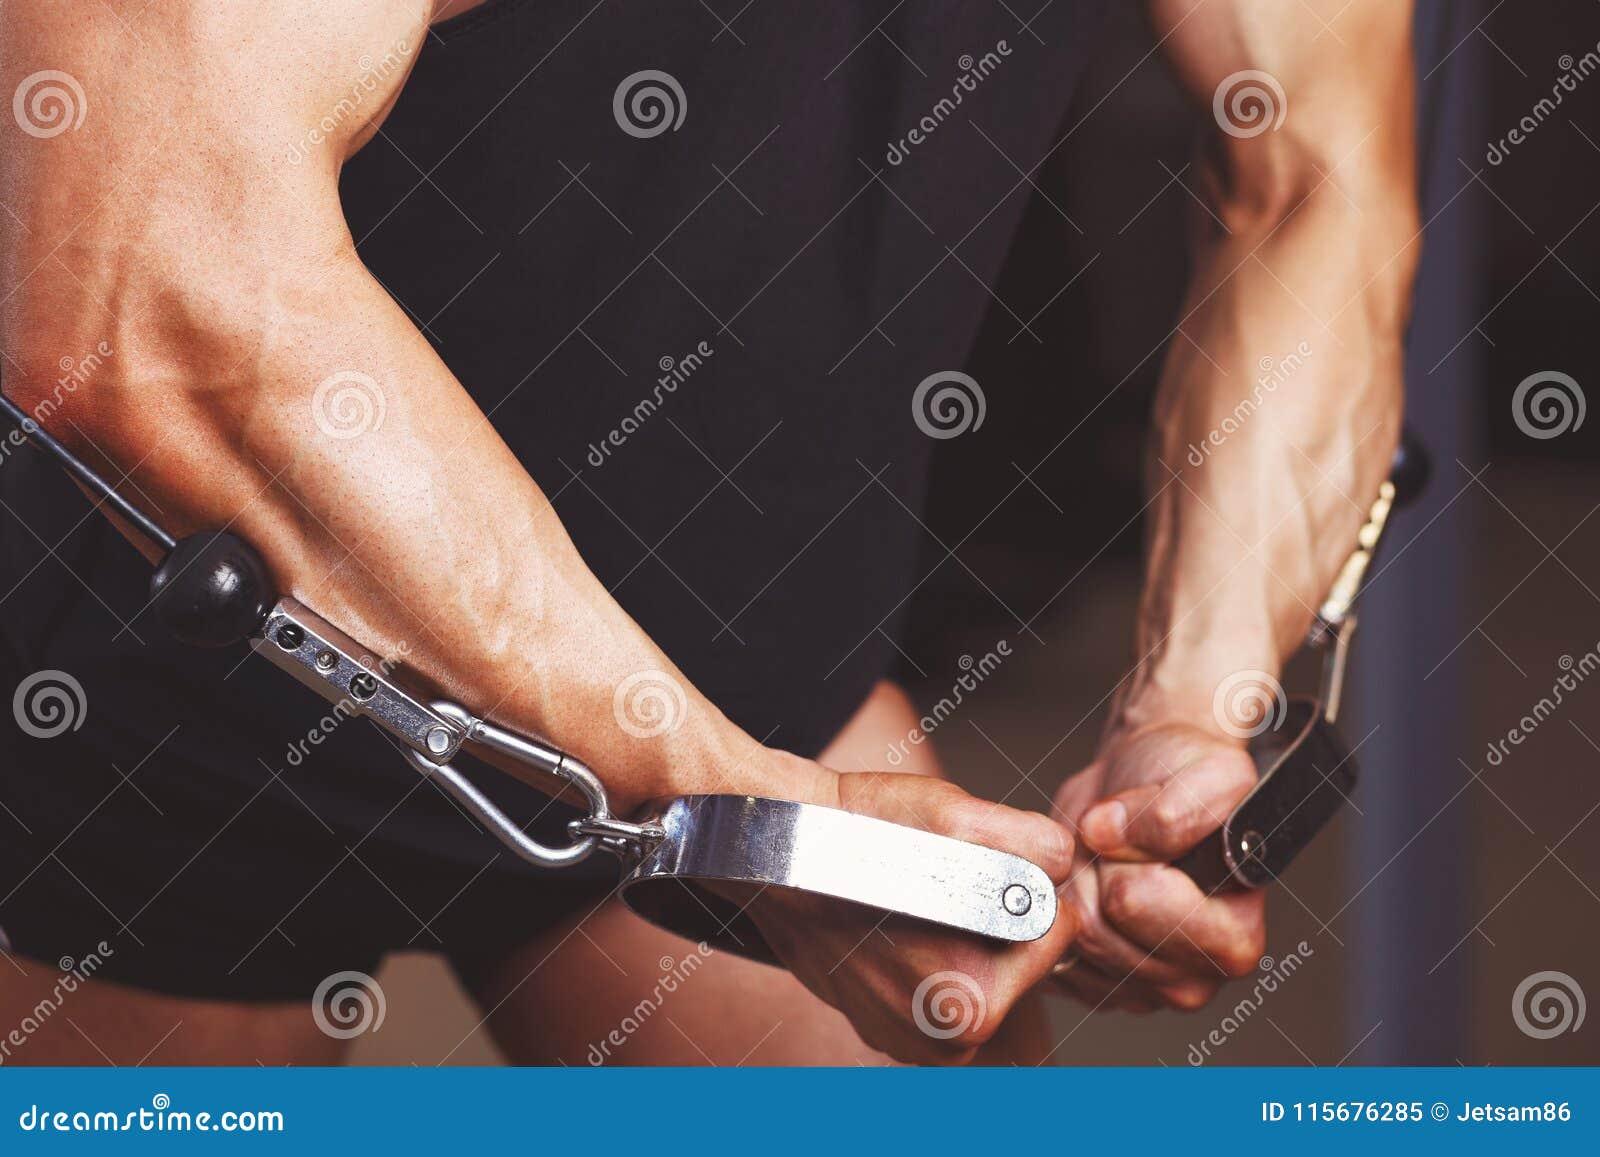 Starke zerrissene angespannte Mannhände, die oben im Turnhallenabschluß ausarbeiten